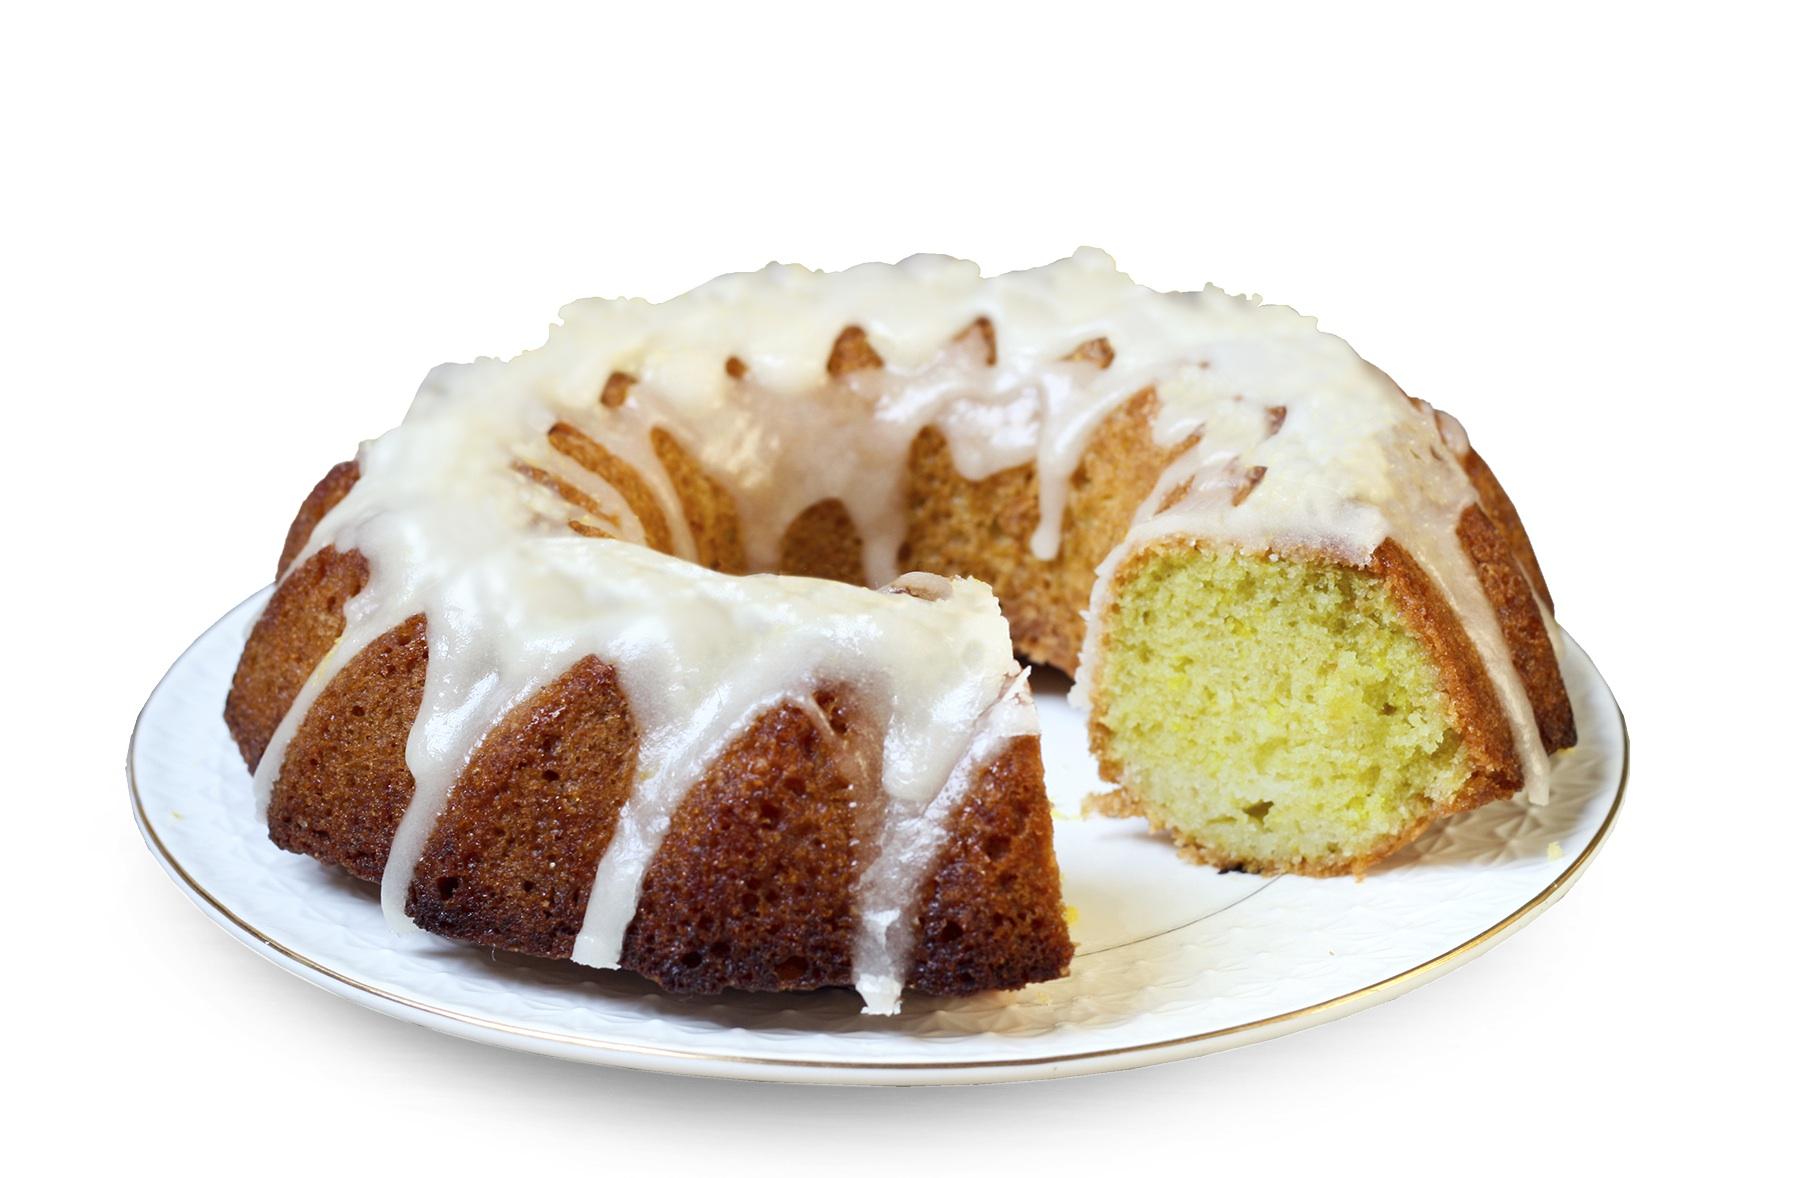 Lemon drizzle bundt cake